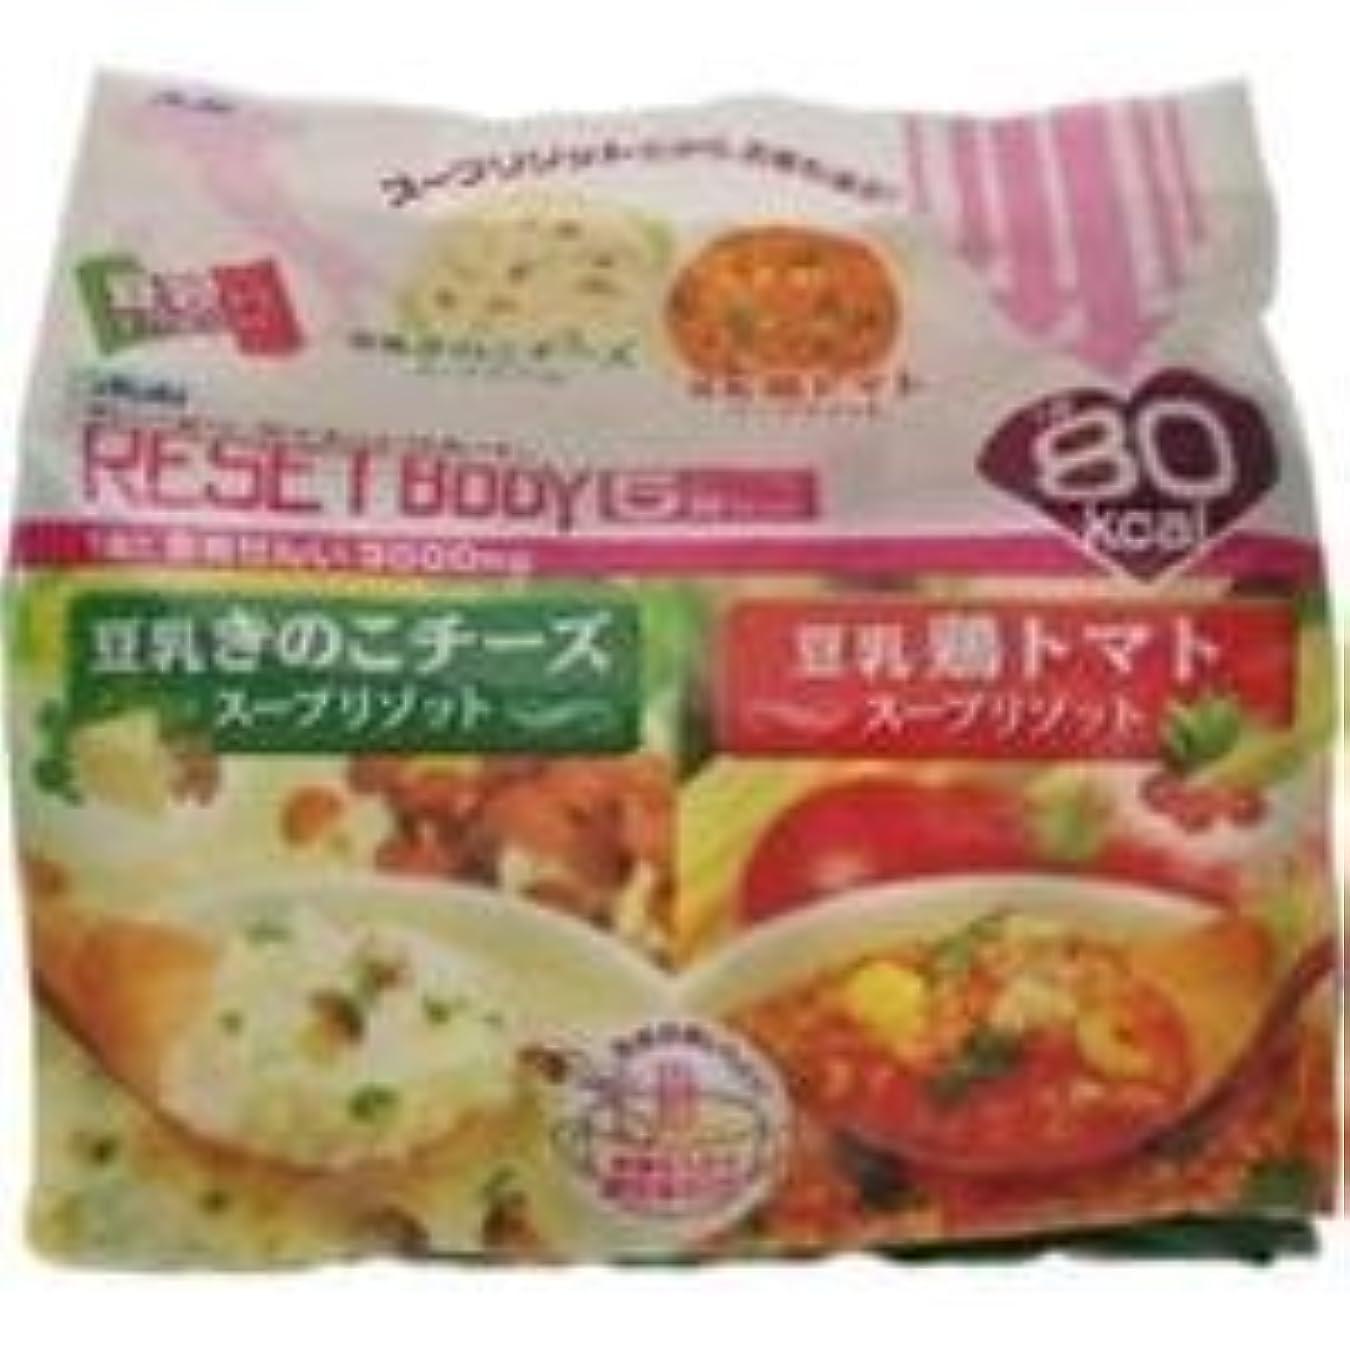 変化する論争若いリセットボディ リセットボディ 豆乳きのこチーズ&鶏トマトスープリゾット 5食 きのこ3食+???2食 1袋